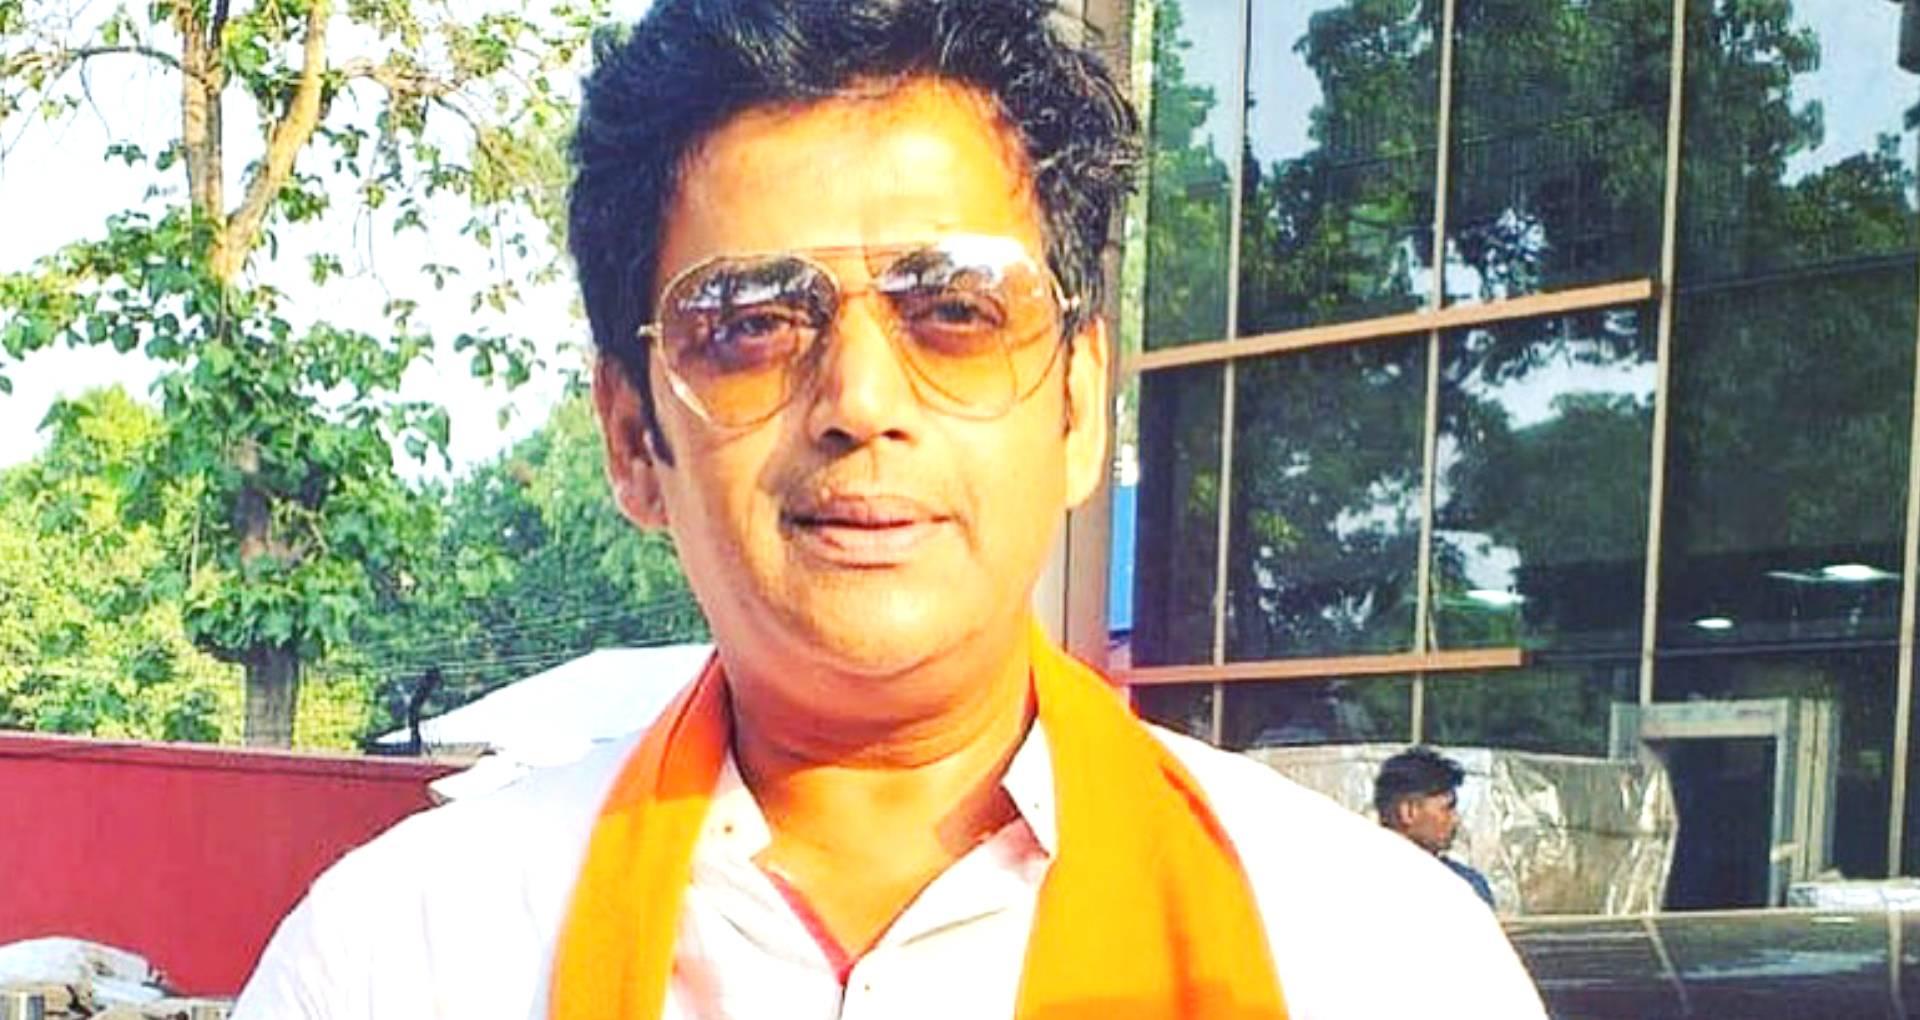 Ravi Kishan Birthday: मां से 500 रुपए लेकर एक्टिंग करने पहुंचे थे मुंबई, ऐसा रहा हीरो से सांसद बनने तक का सफर